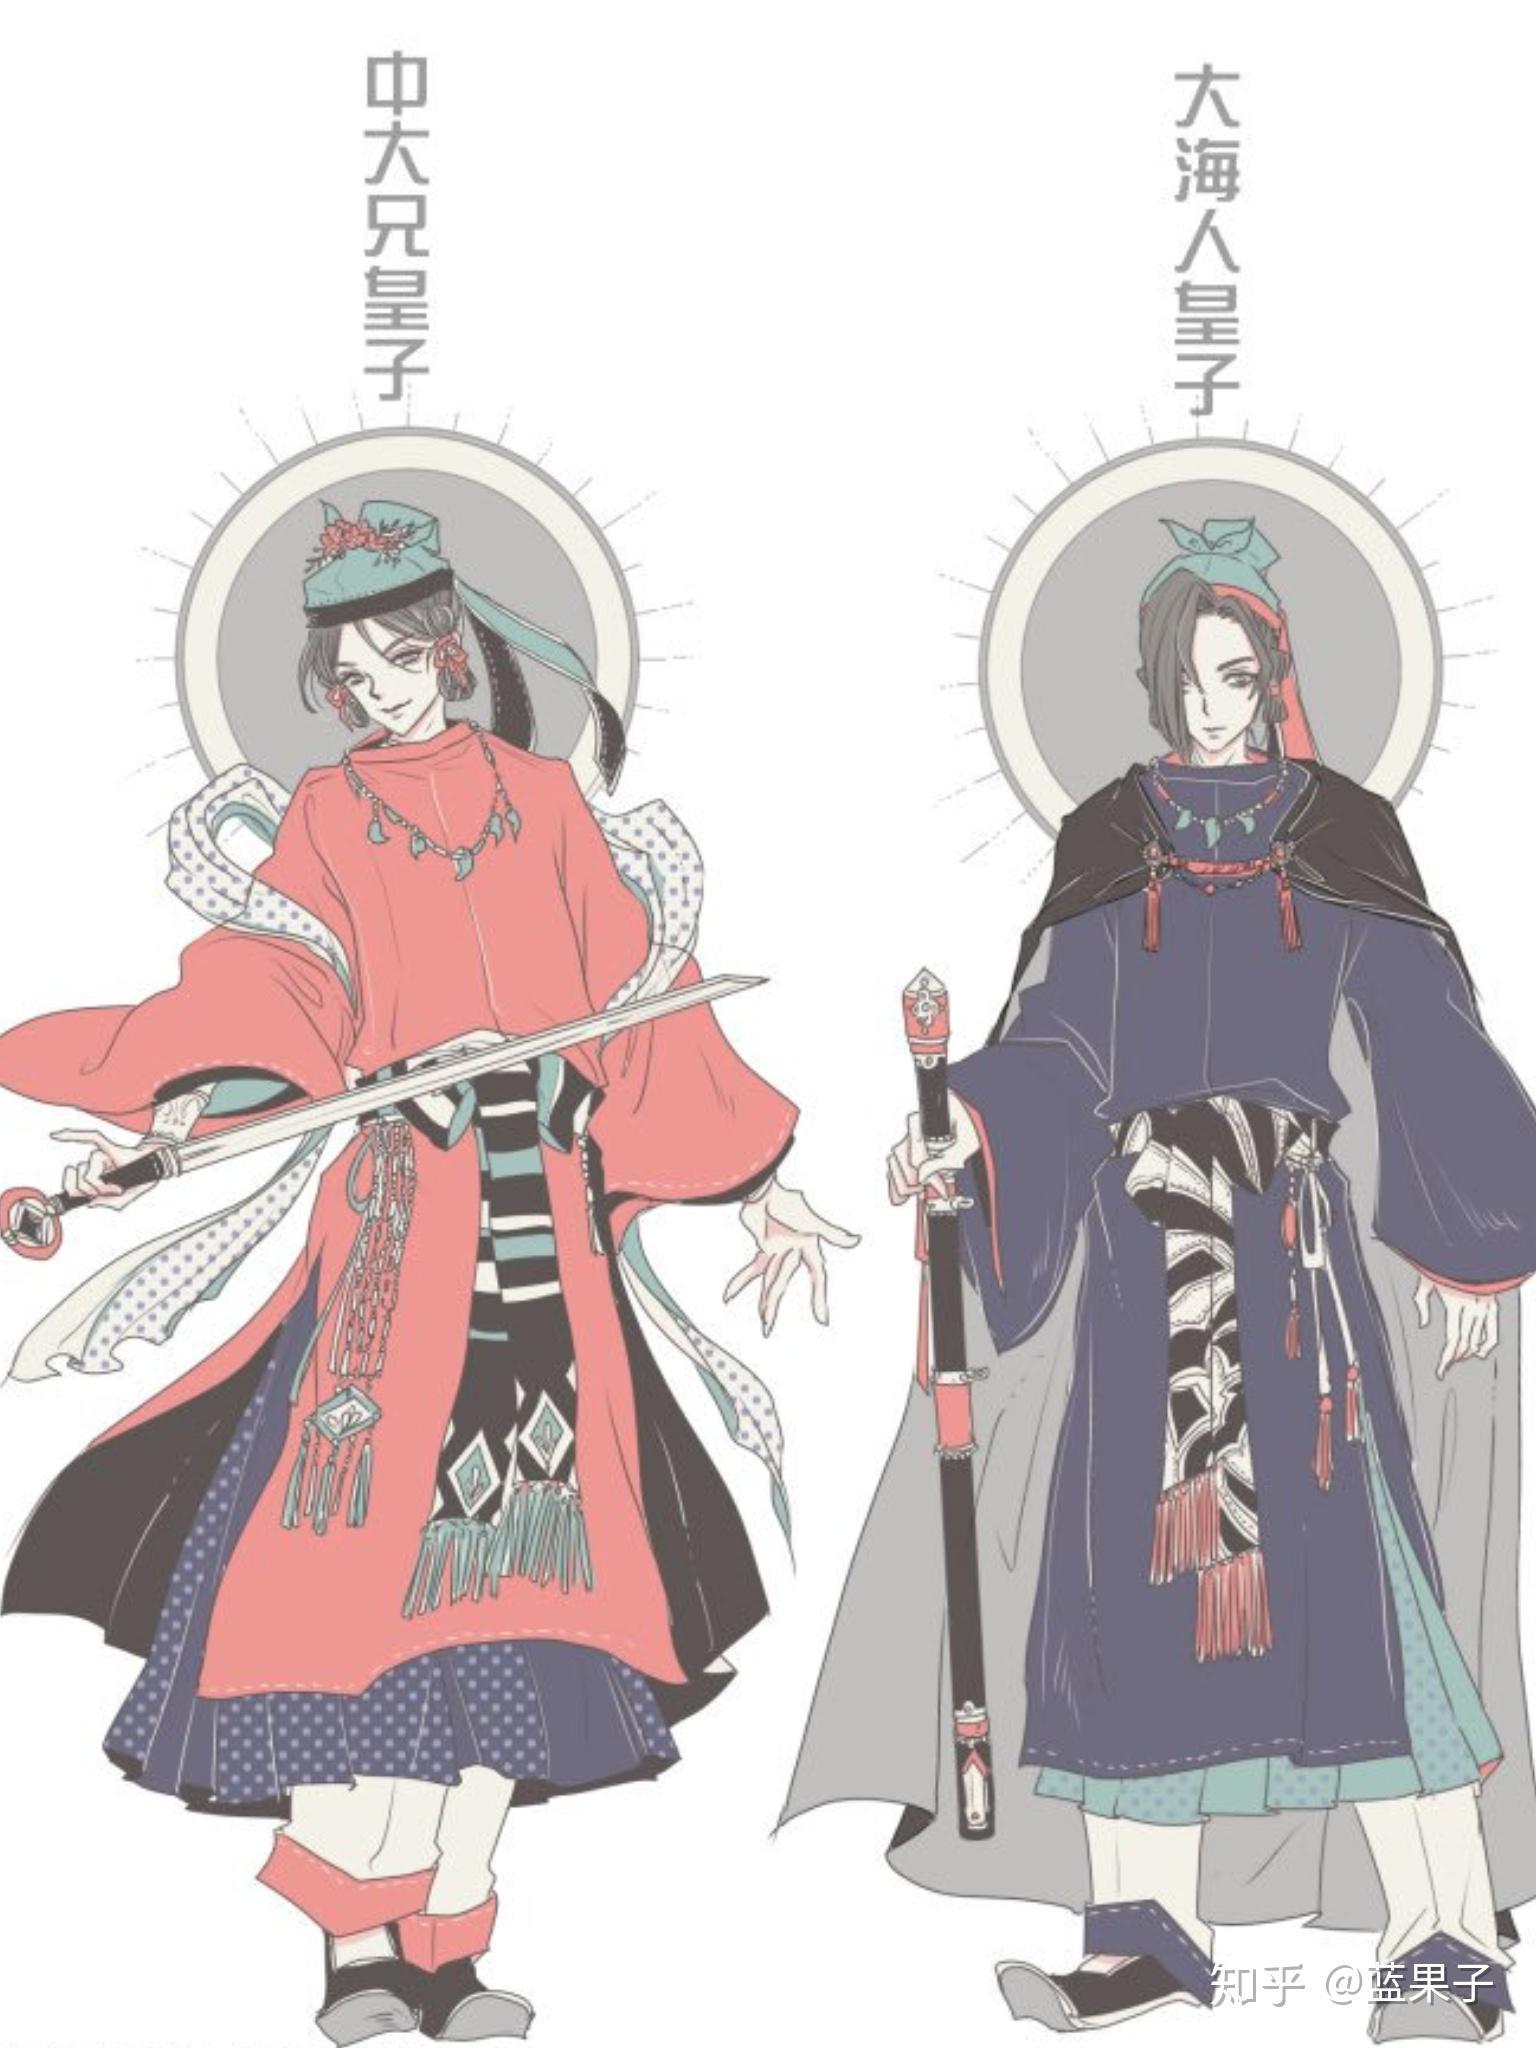 天智天皇_日本天皇的名号是怎么取的? - 知乎